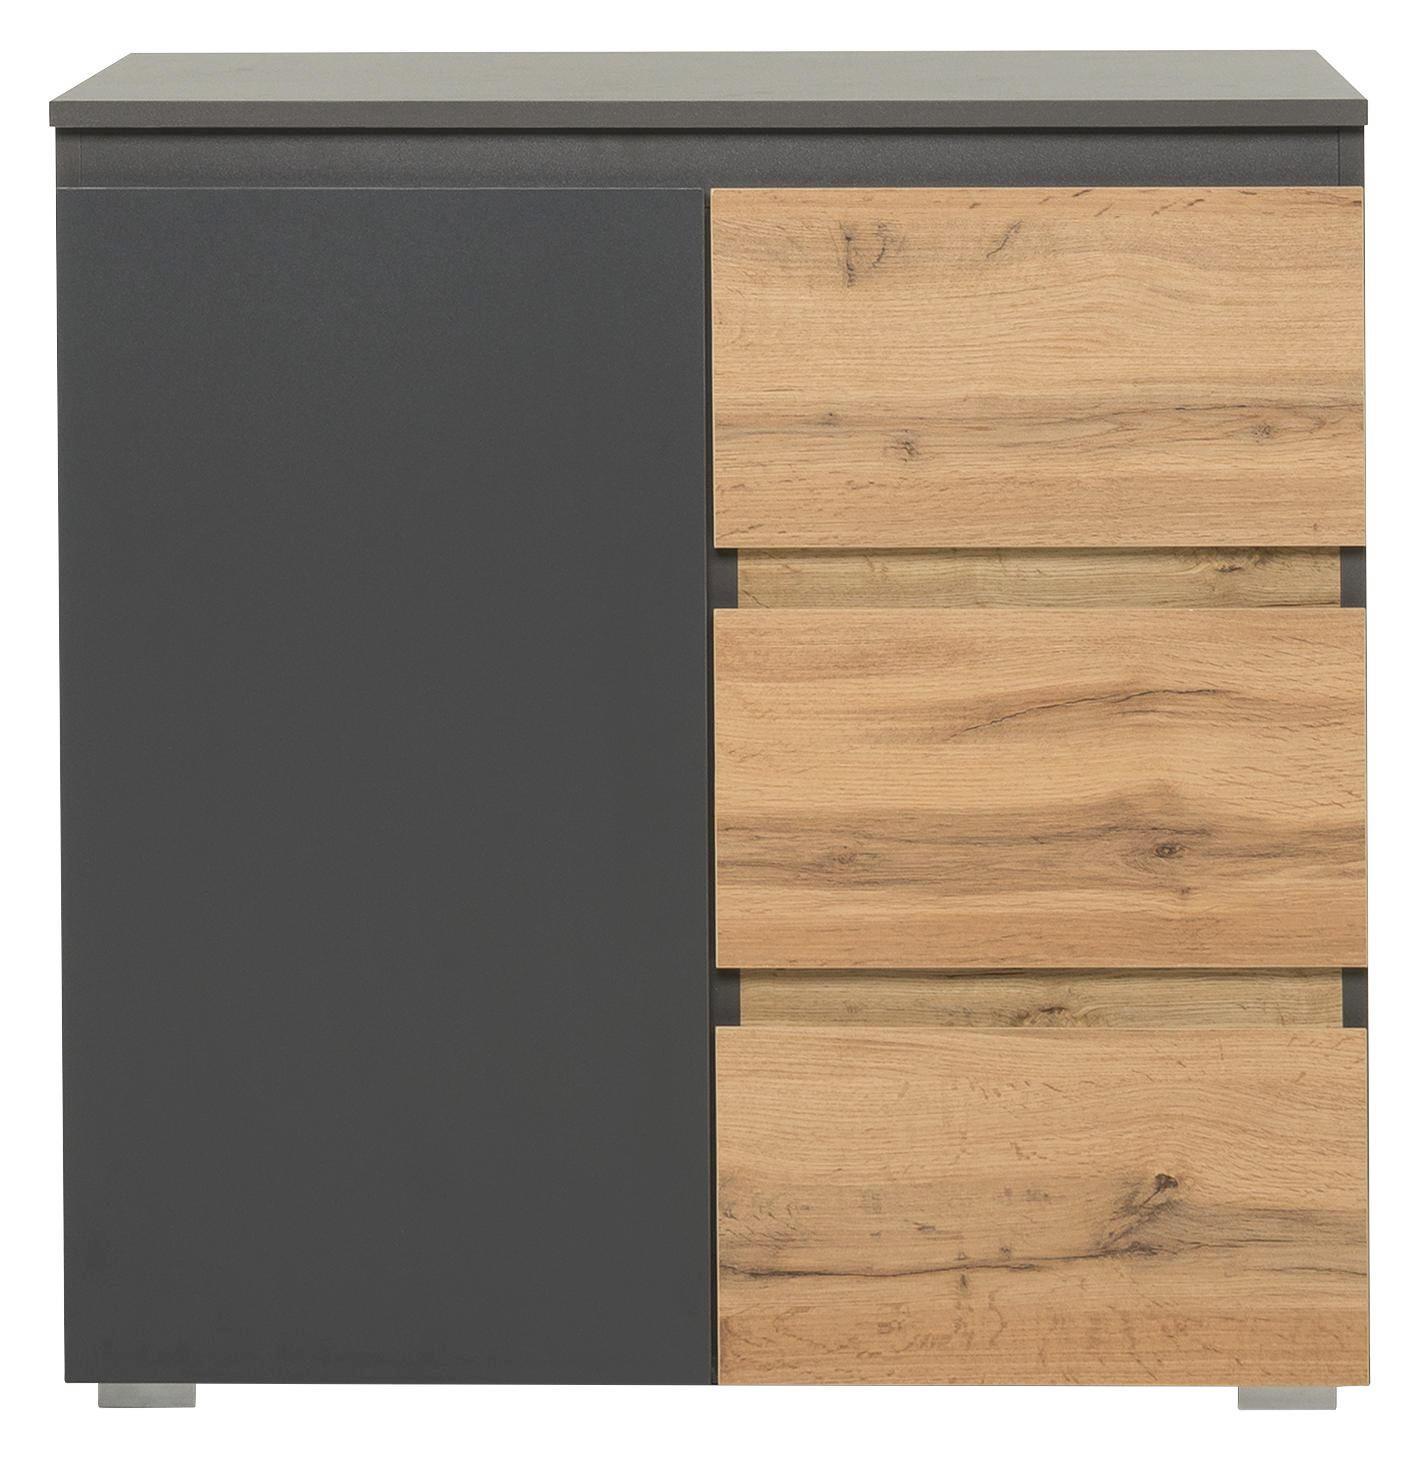 KOMMODE Anthrazit, Eichefarben - Eichefarben/Anthrazit, KONVENTIONELL, Holzwerkstoff (80/80/40cm) - CARRYHOME